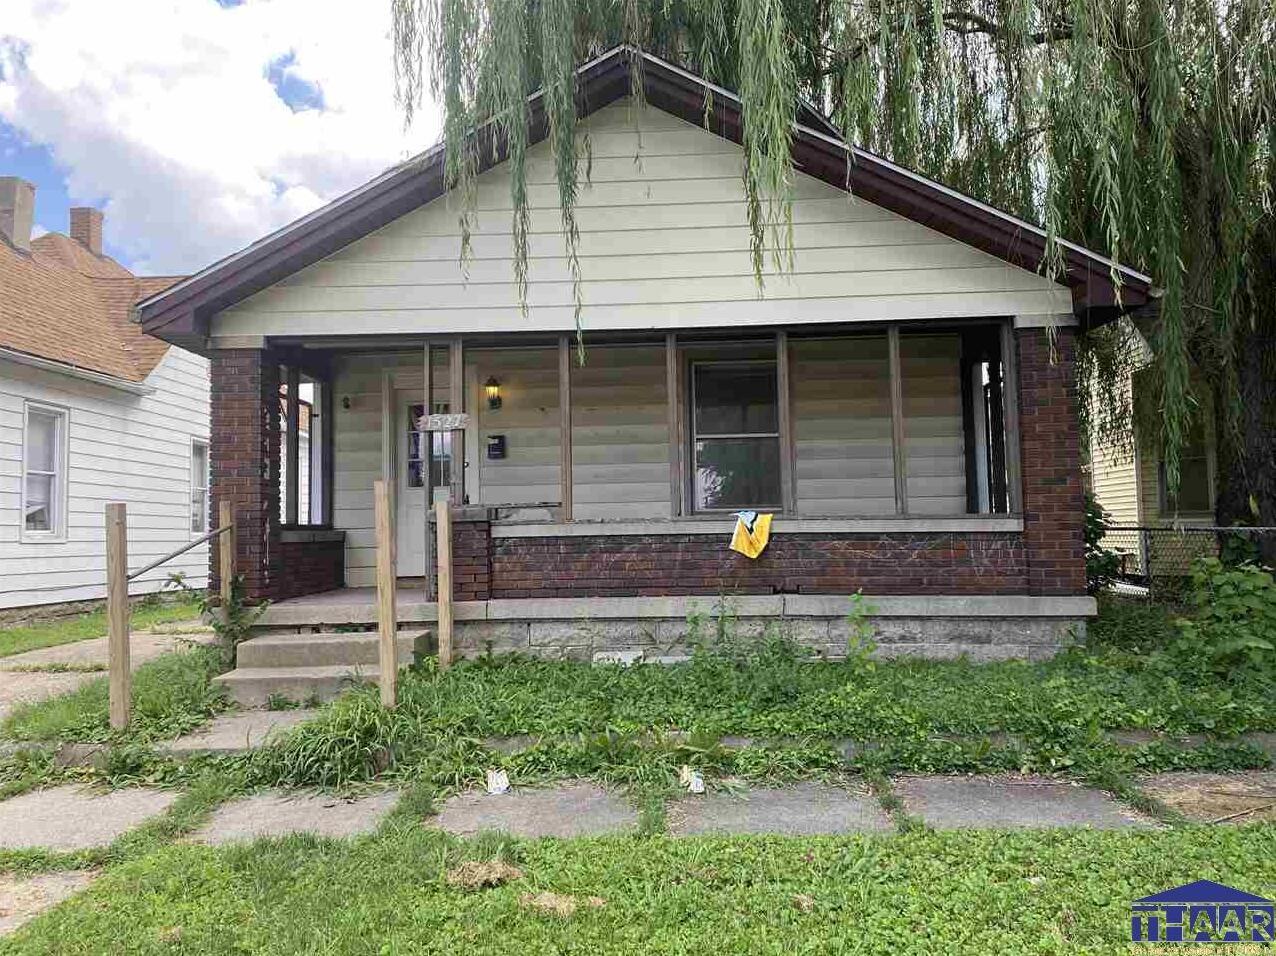 Photo of 1654 4th Avenue Terre Haute IN 47807